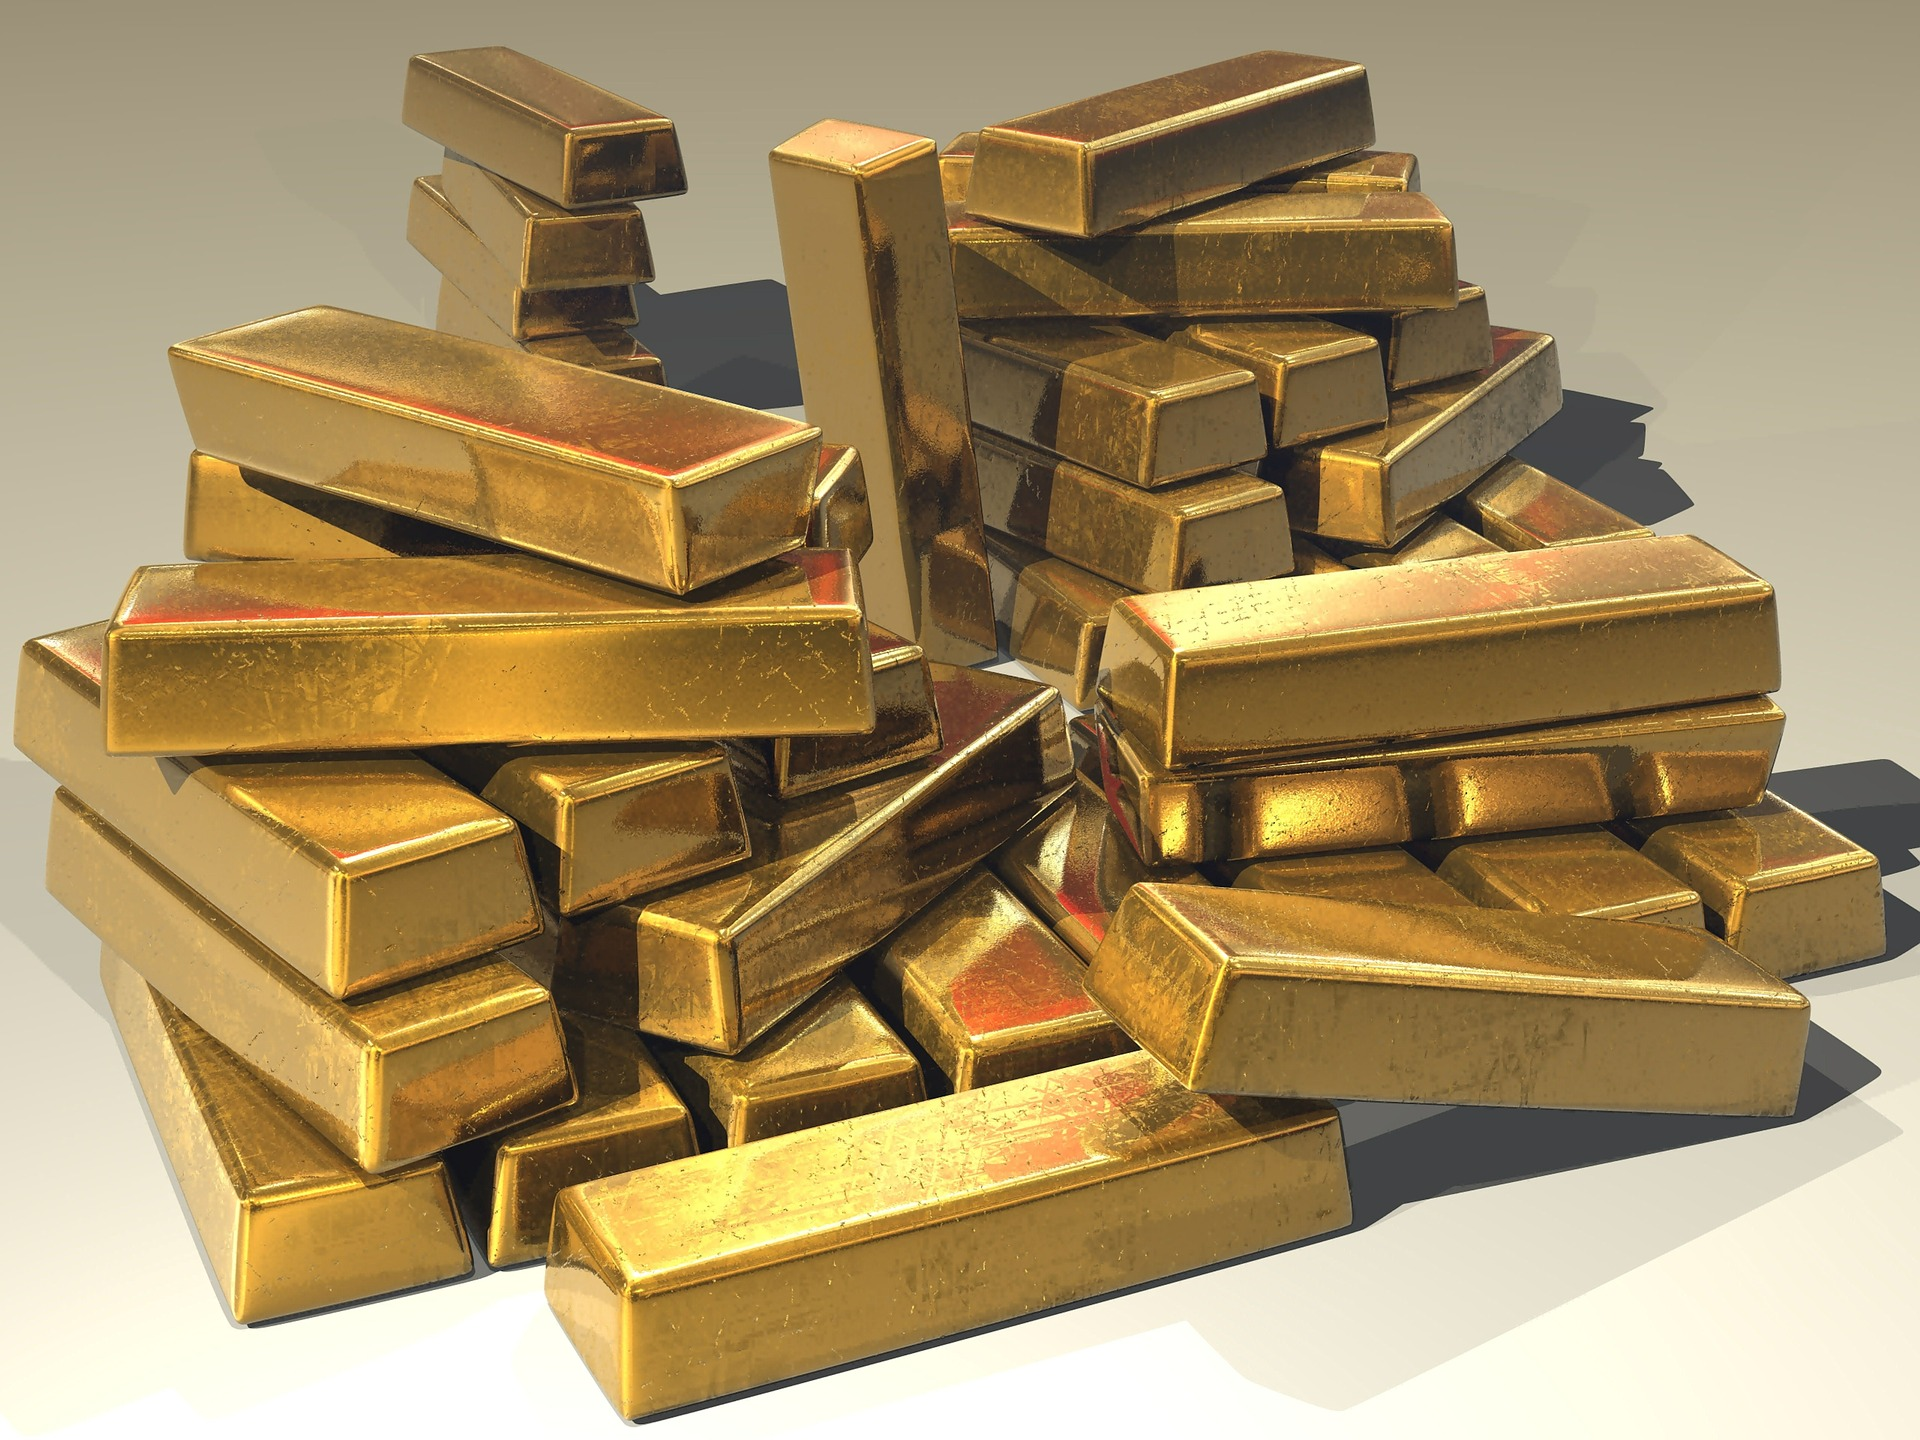 Breitling-Markenuhr-Uhren-Ankauf-Wien-Juwelier-Sascha gold - Gold Ankauf Wien Juwelier Sascha - Gold – Wertbeständigkeit seit Jahrhunderten